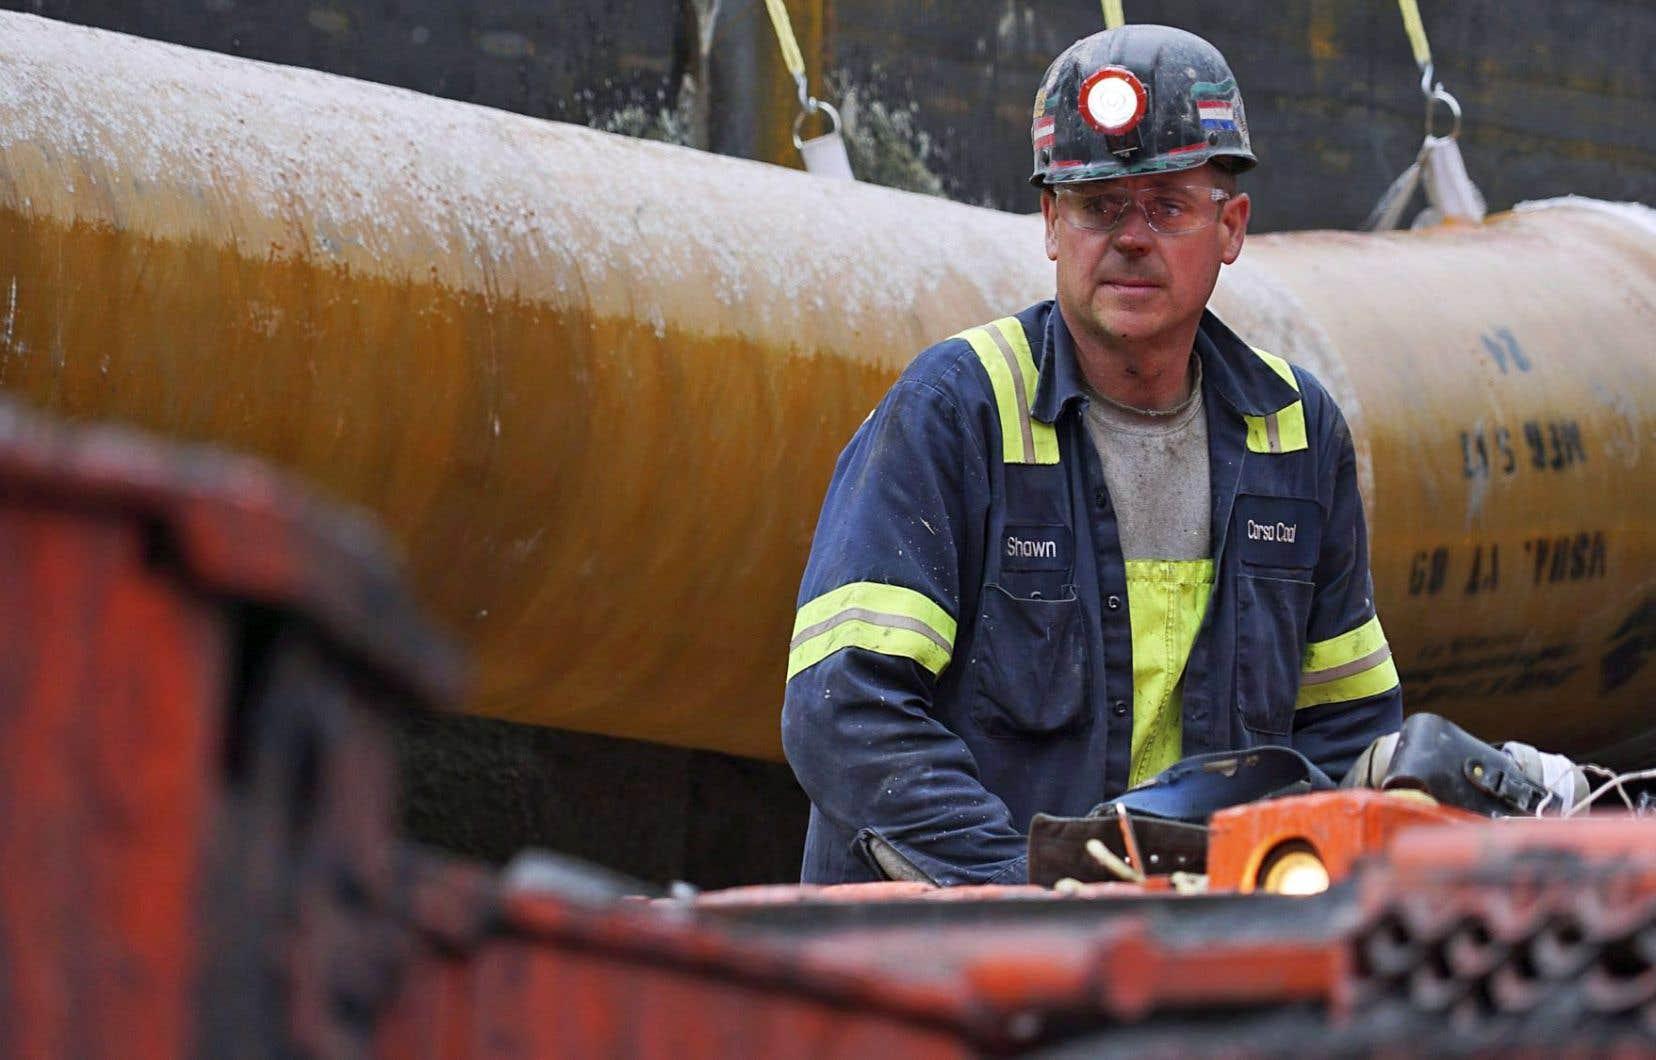 Selon les données de l'Organisation internationale du travail, 1,2milliard d'emplois sont directement liés aux changements climatiques. La phase de transition pourrait entraîner la perte de 6millions d'emplois dans le monde, mais en créer 24millions.